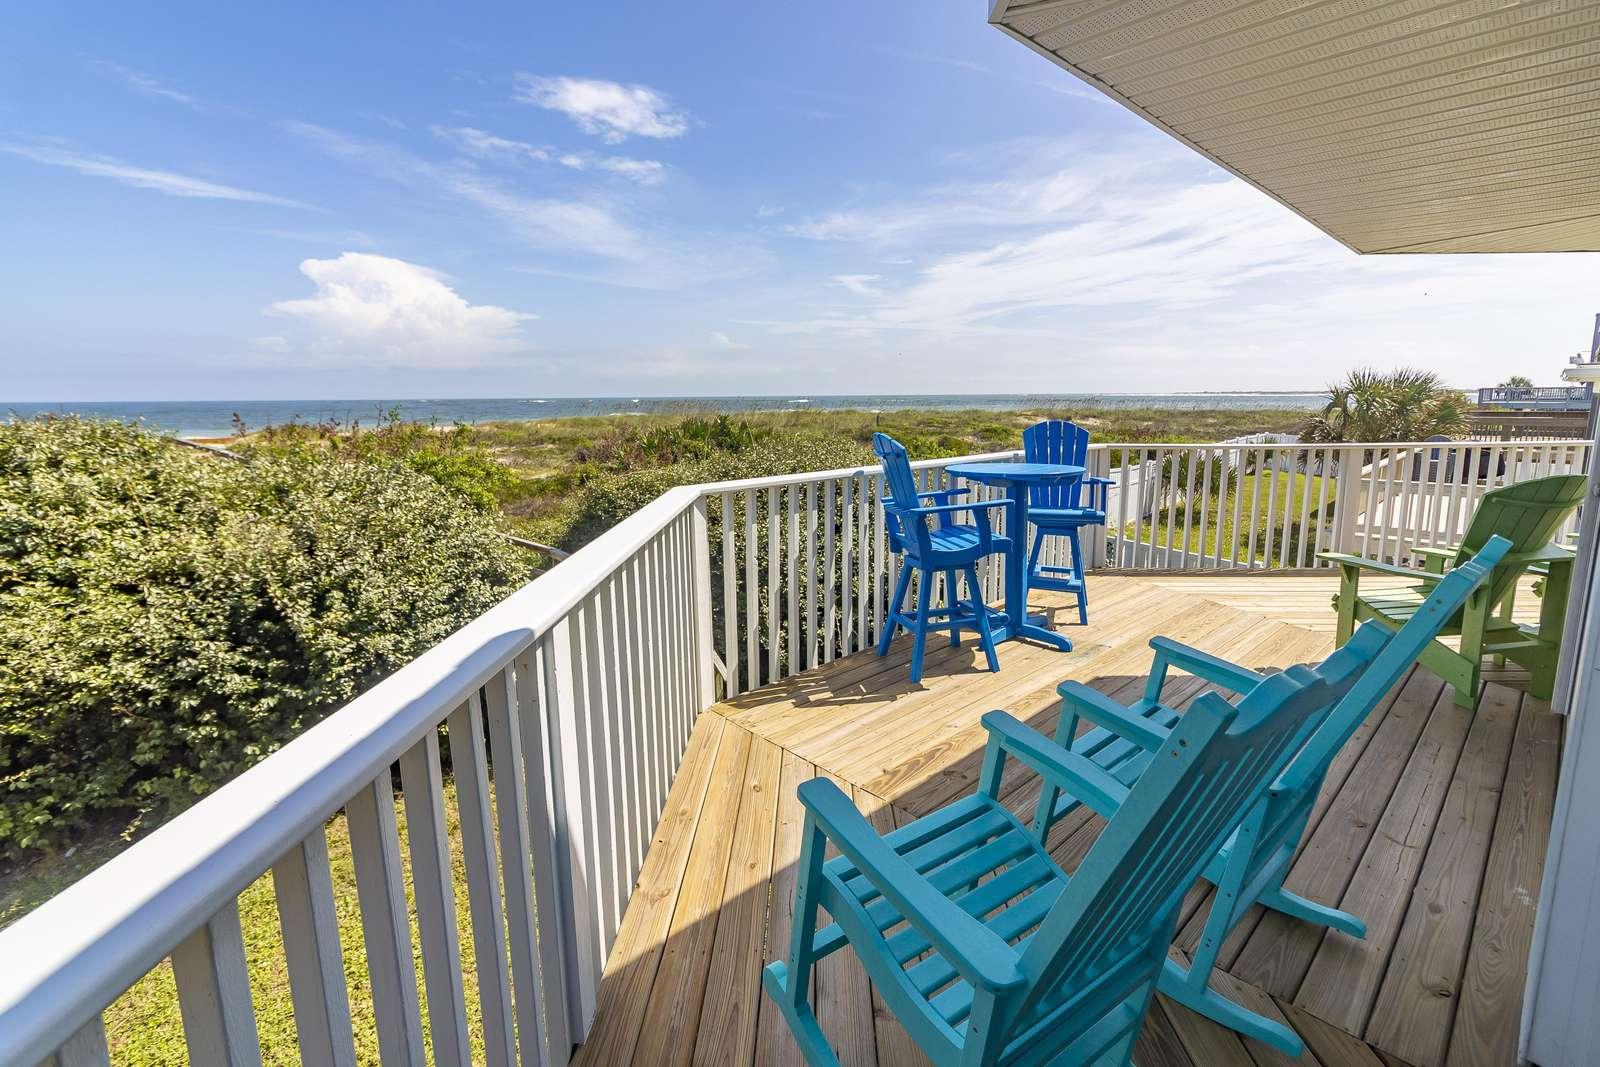 Ocean Sunrise - Oceanfront Deck w/ Outdoor Furniture